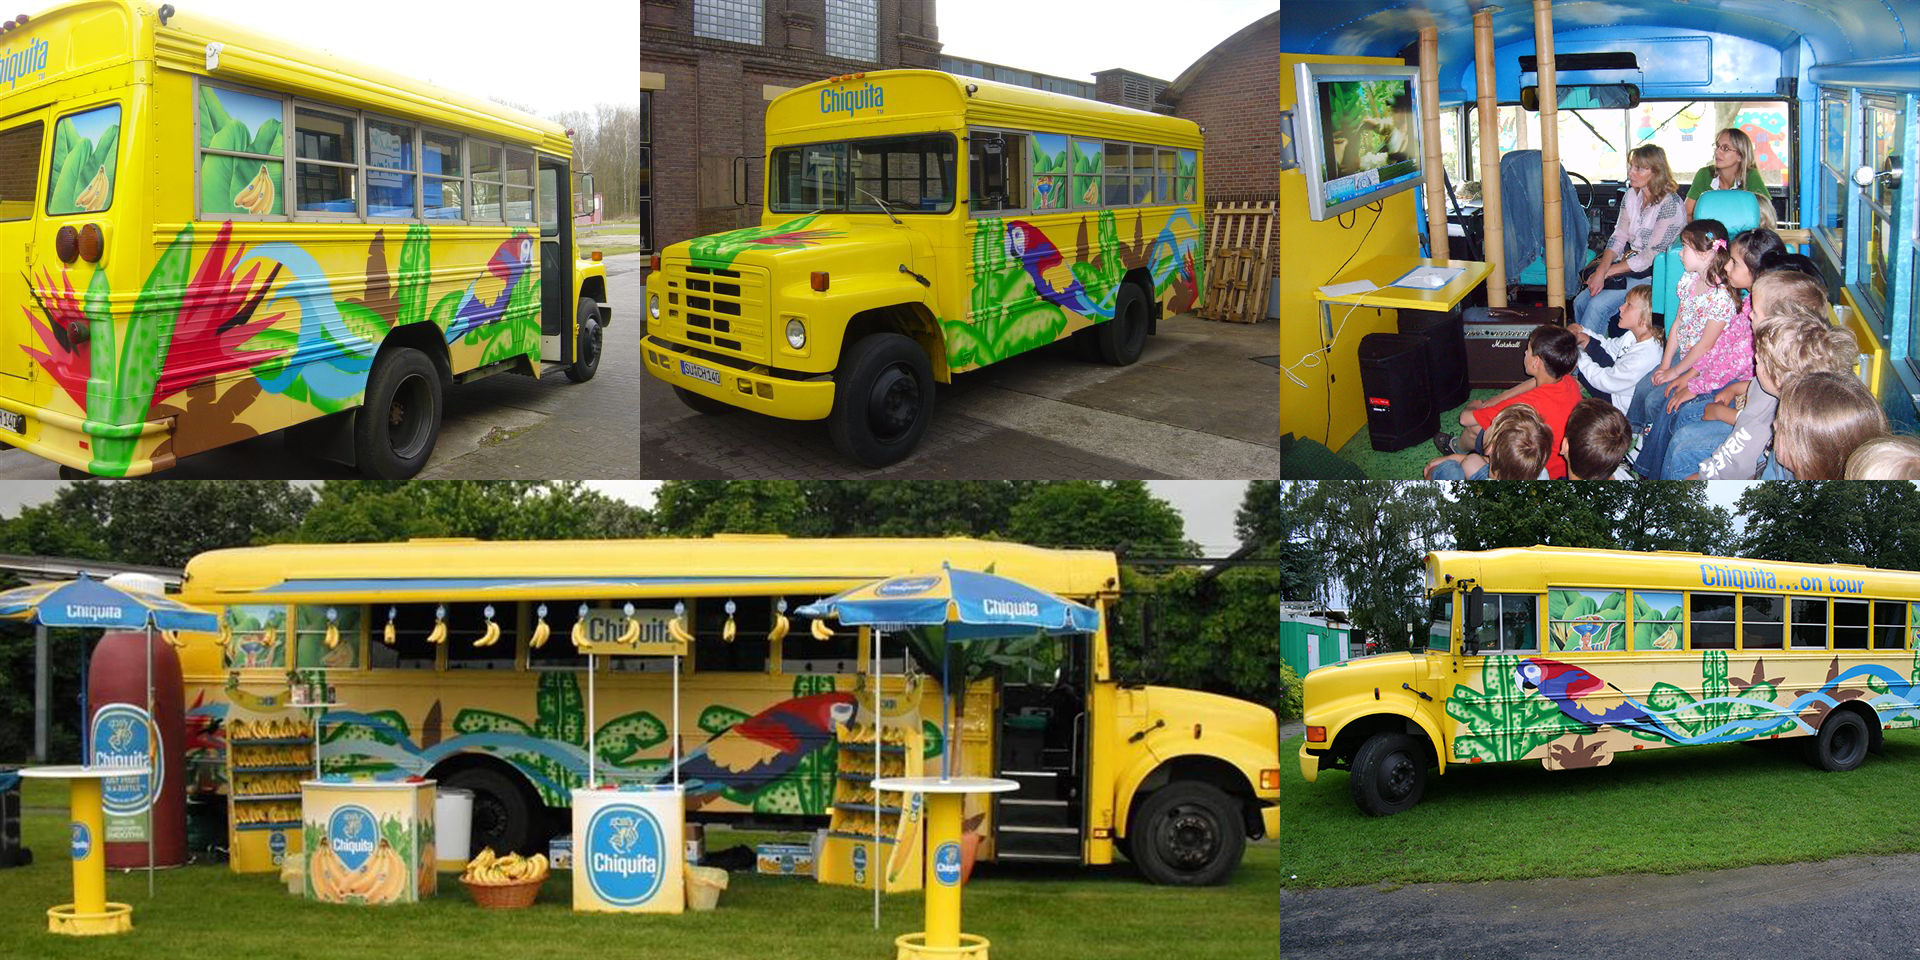 Chiquita - Promotionbus - Zweyloeven Werbeproduktion GmbH